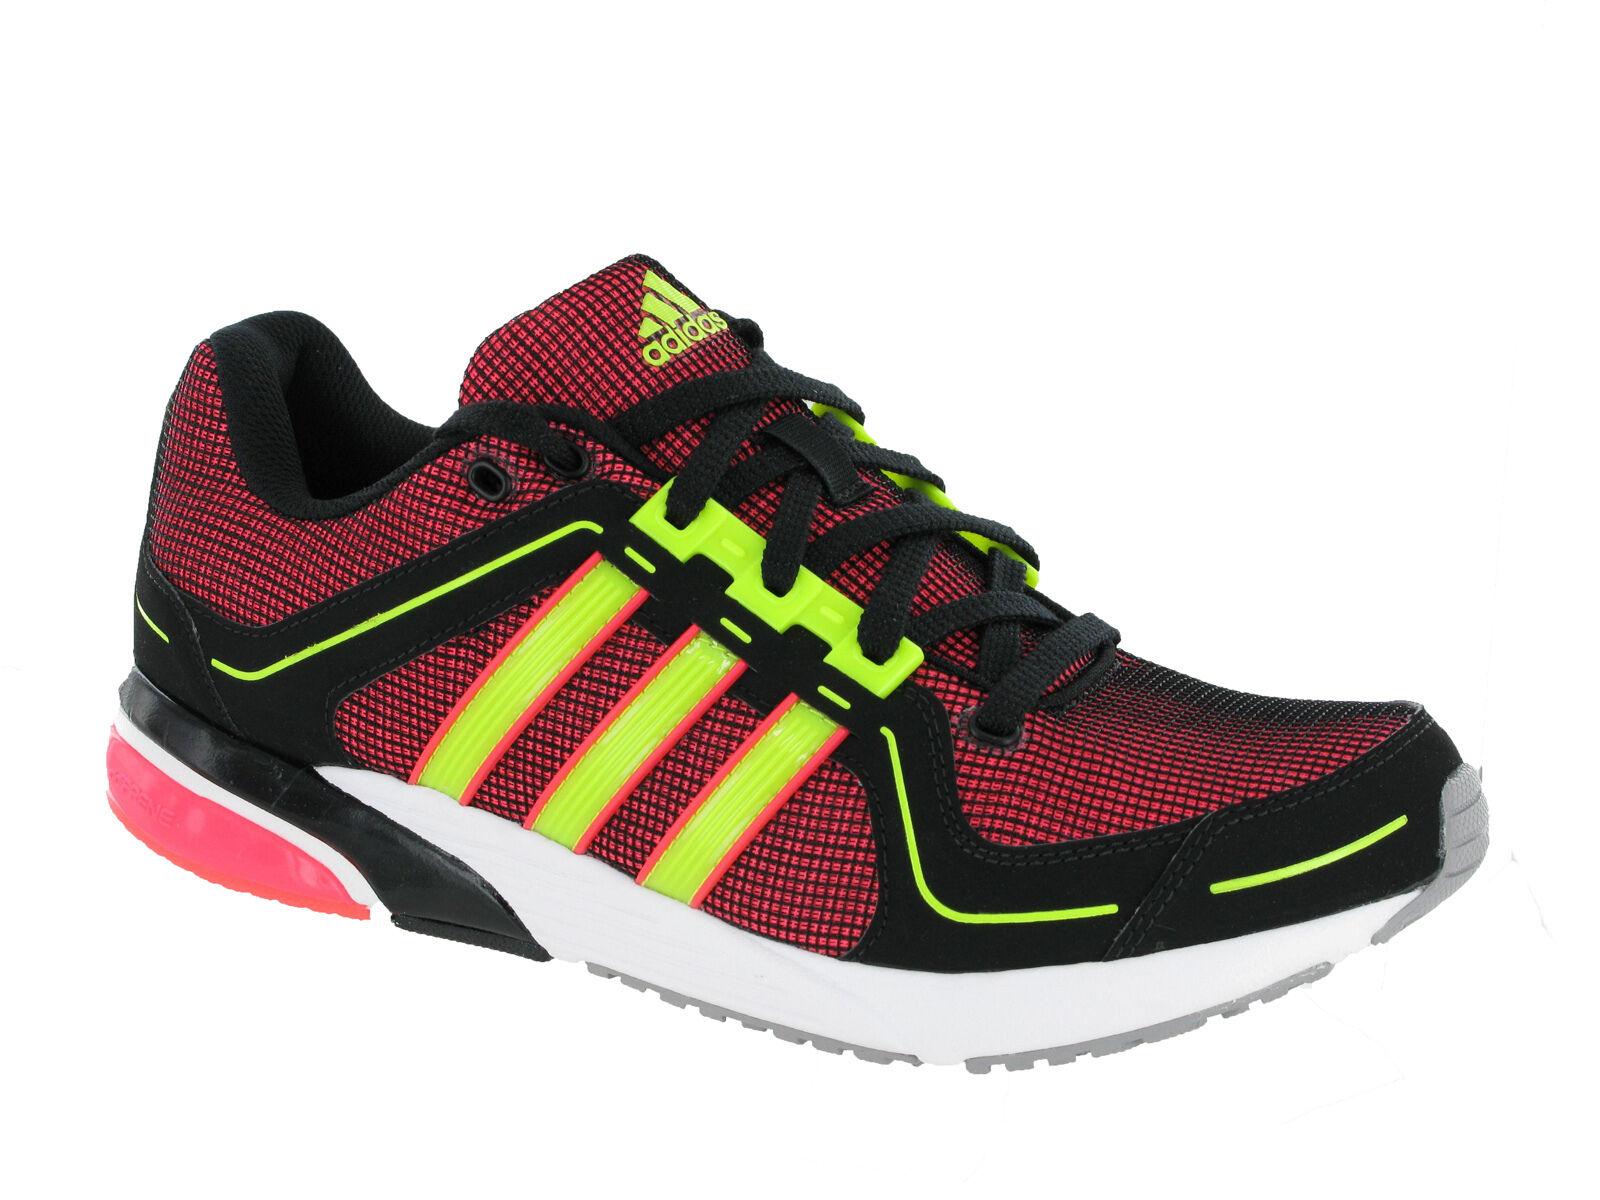 Adidas Azteken 1.1 Freizeit Laufen Turnschuhe Sportschuhe Spitze Herren Turnschuhe Laufen UK6-12 a045d8